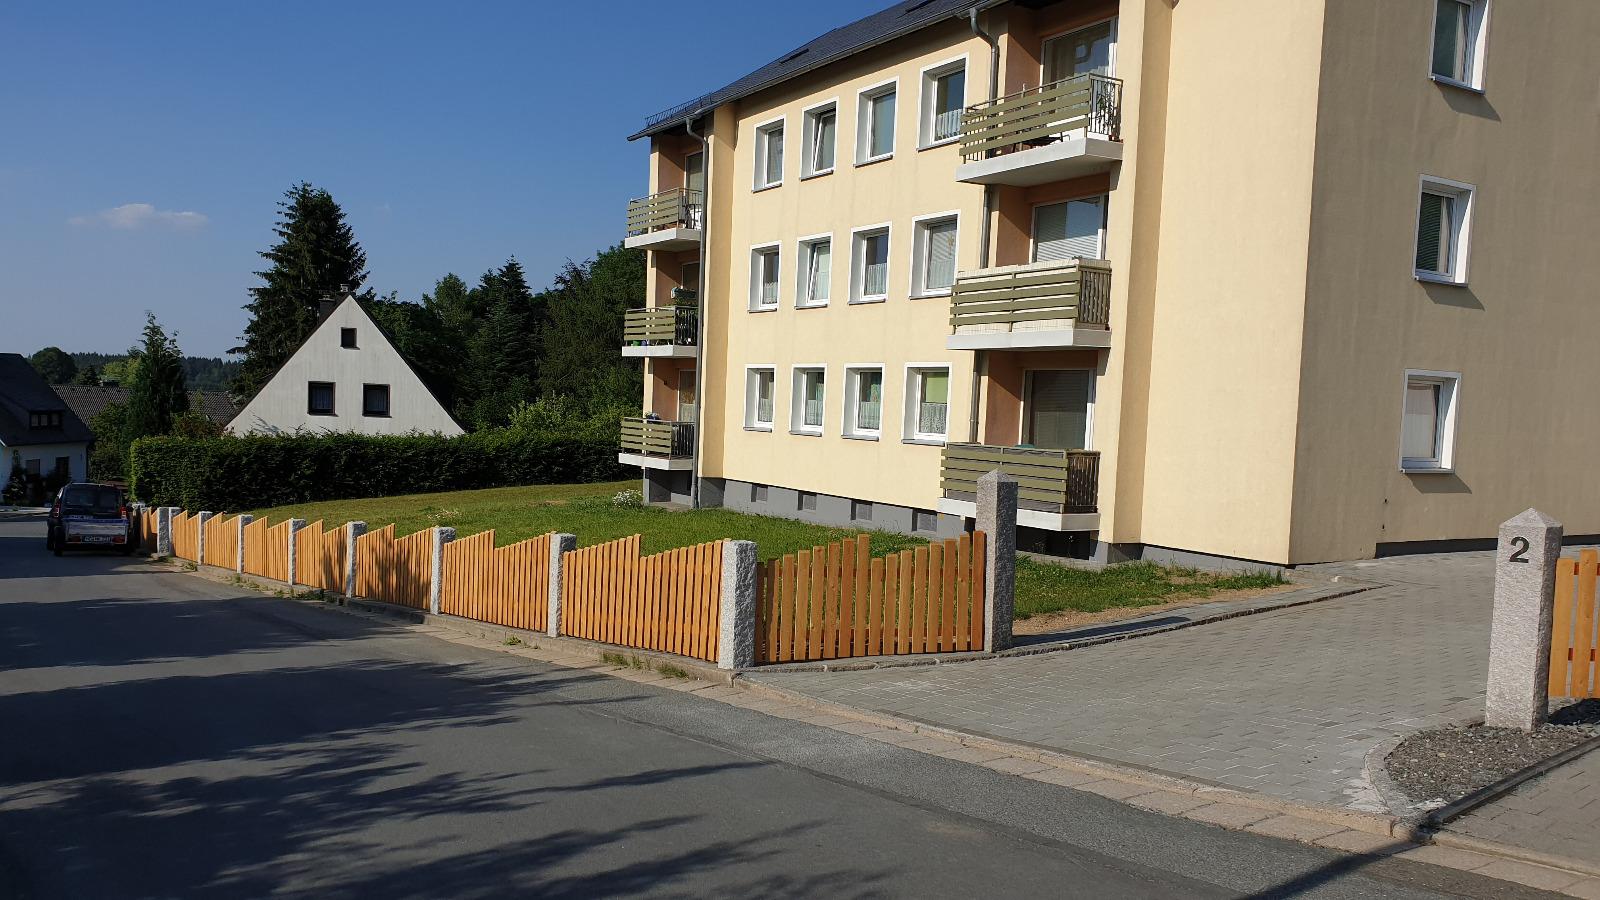 Mehrfamilienhaus Helmbrechts Robert-Koch-Straße 2